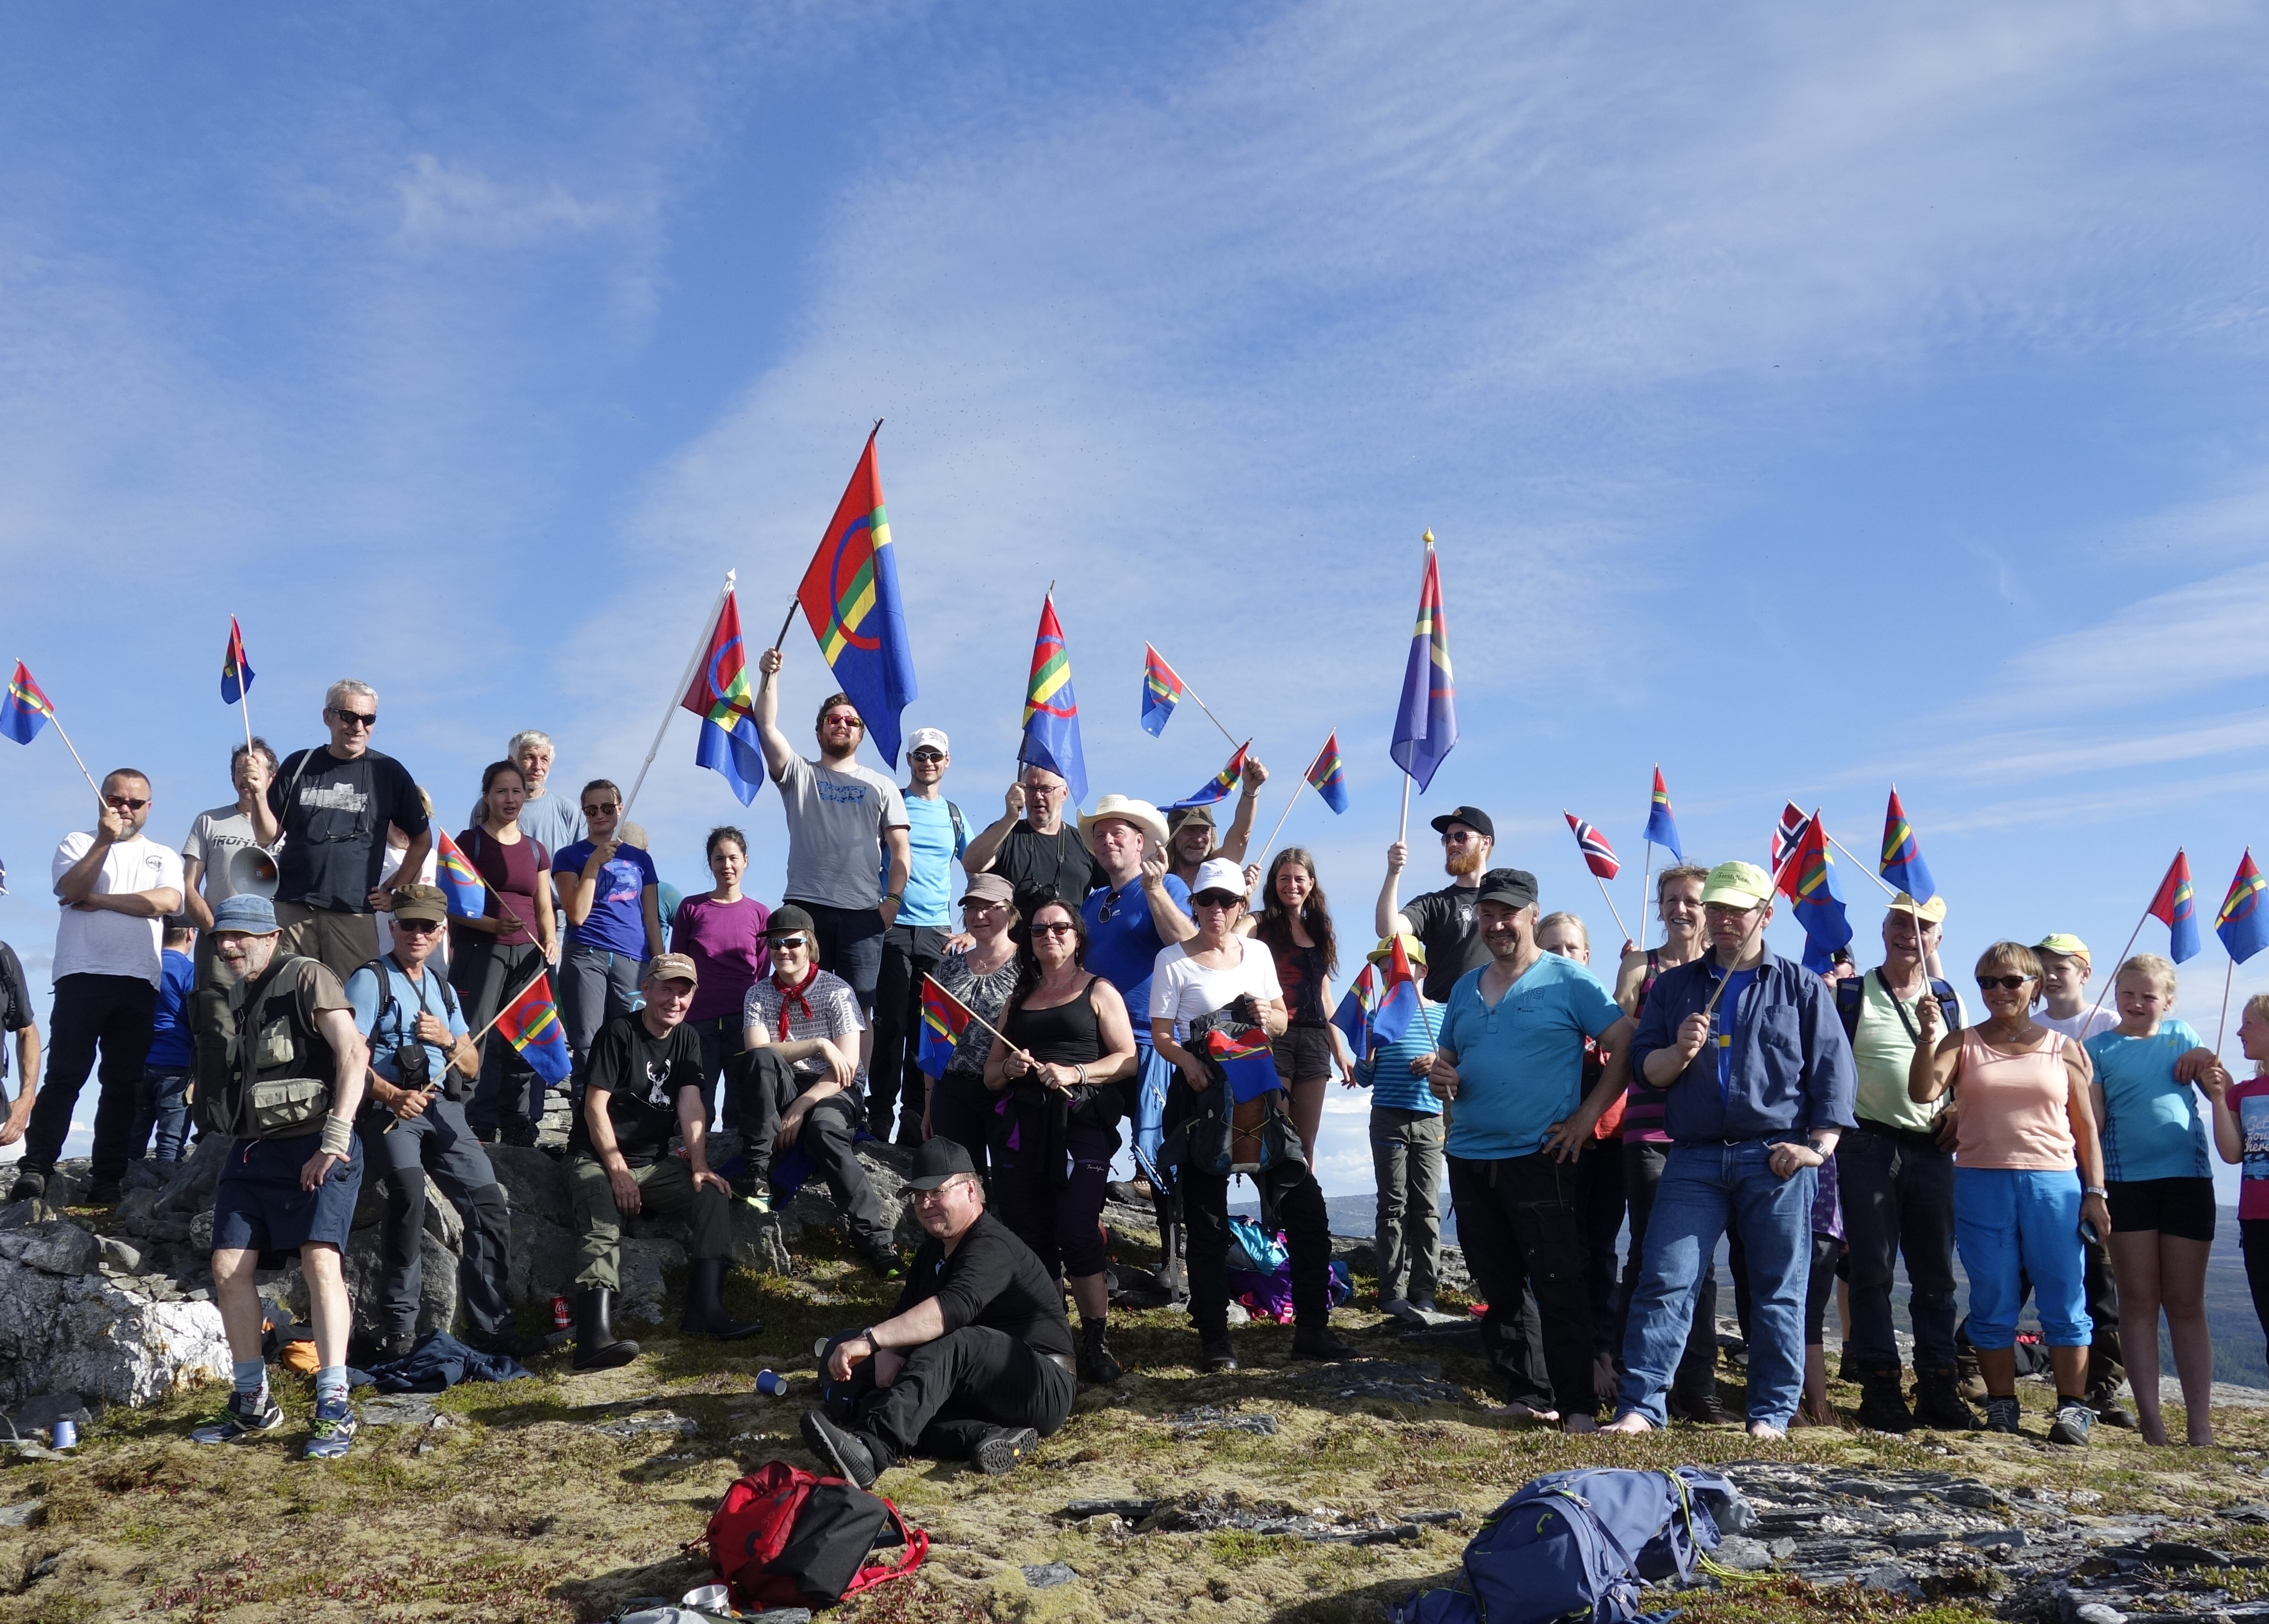 rekord-samiske-flagg